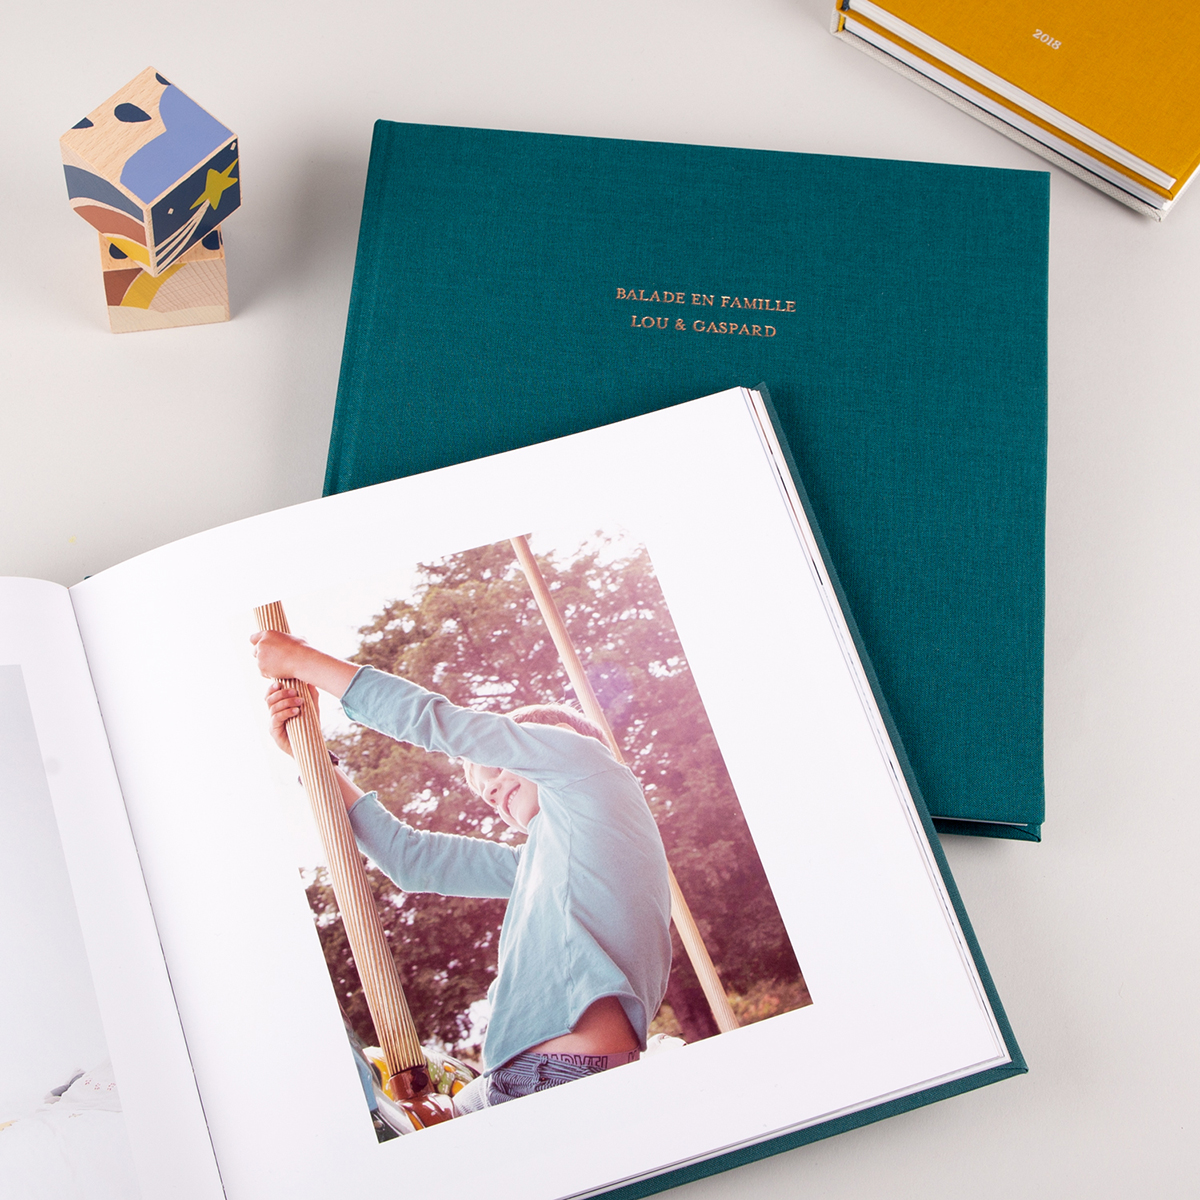 Album vert mis en scène avec des cubes en bois